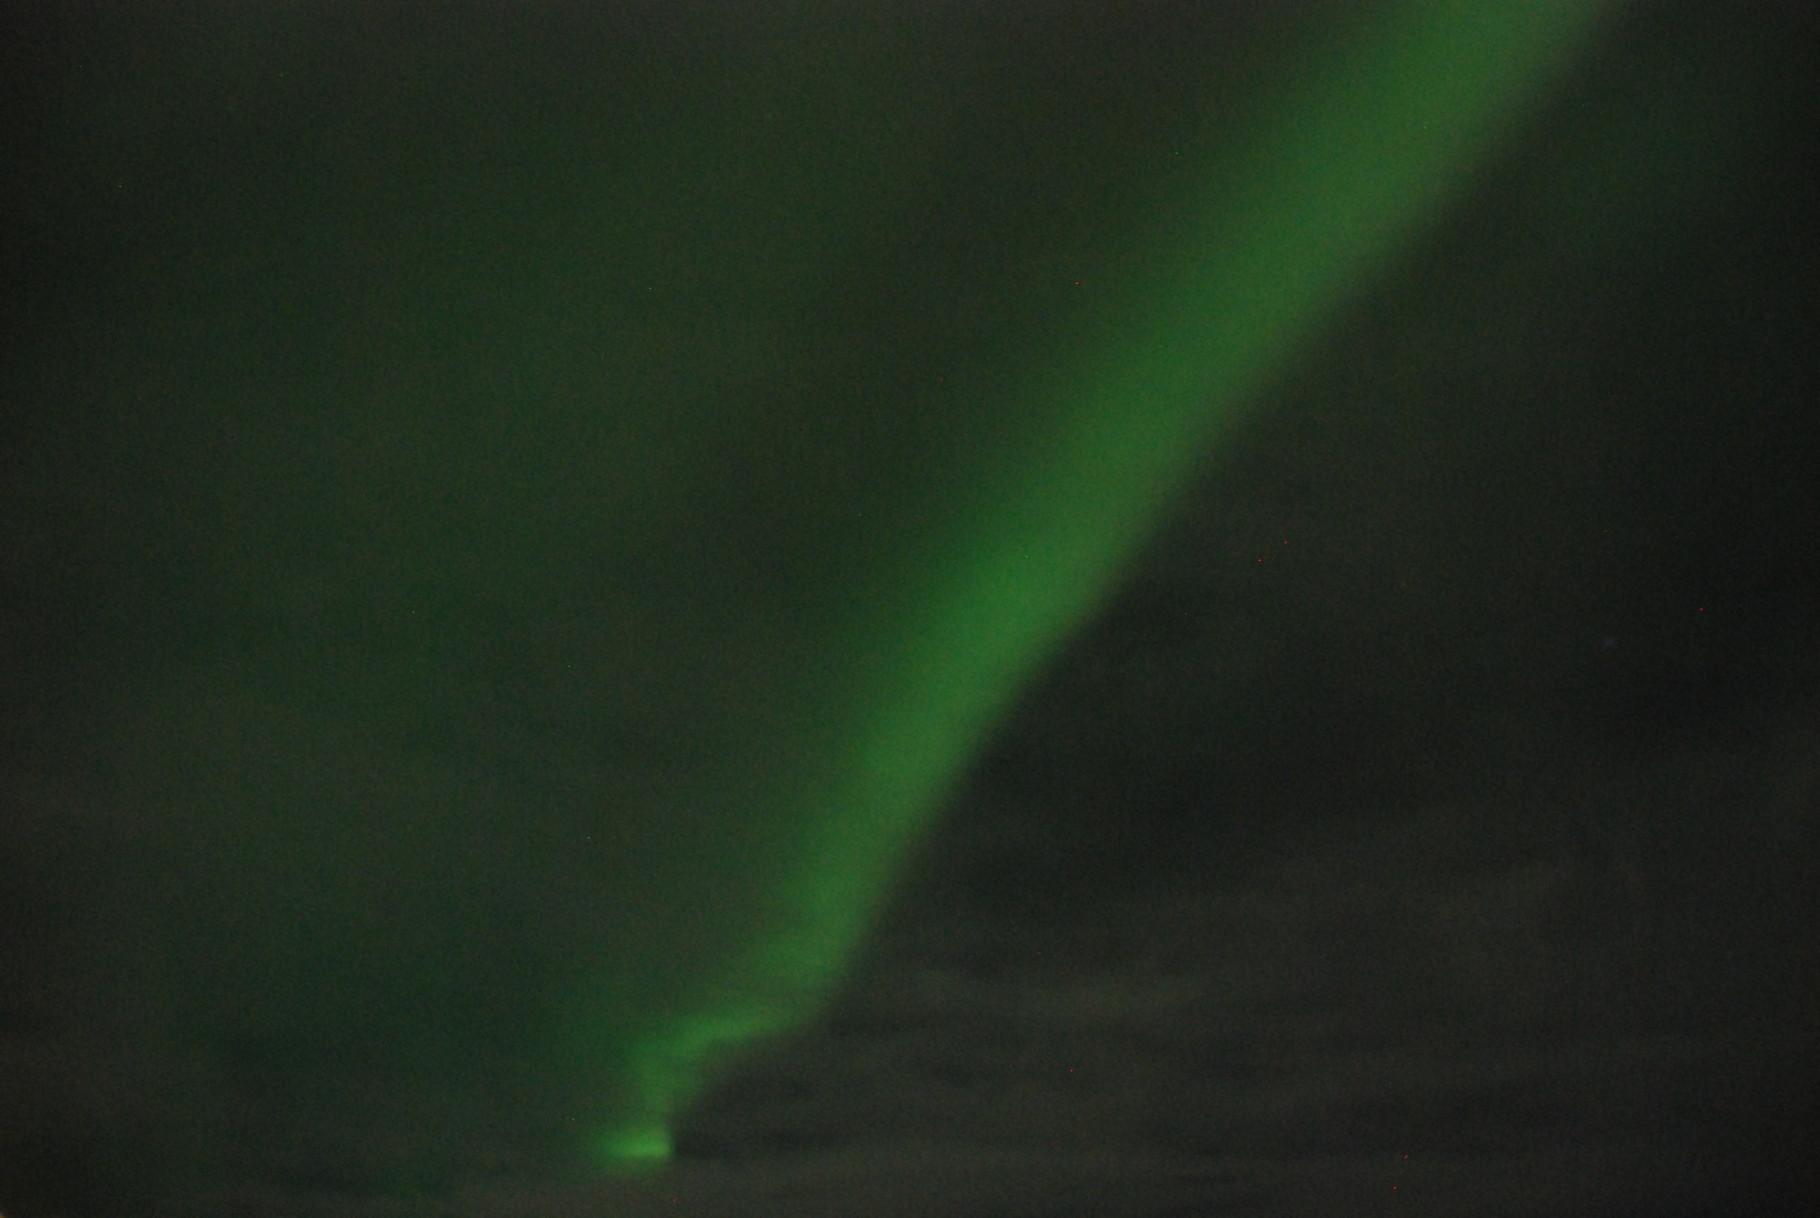 Bild 10-195 - Oft ist ein grosser Teil des Himmels erleuchtet